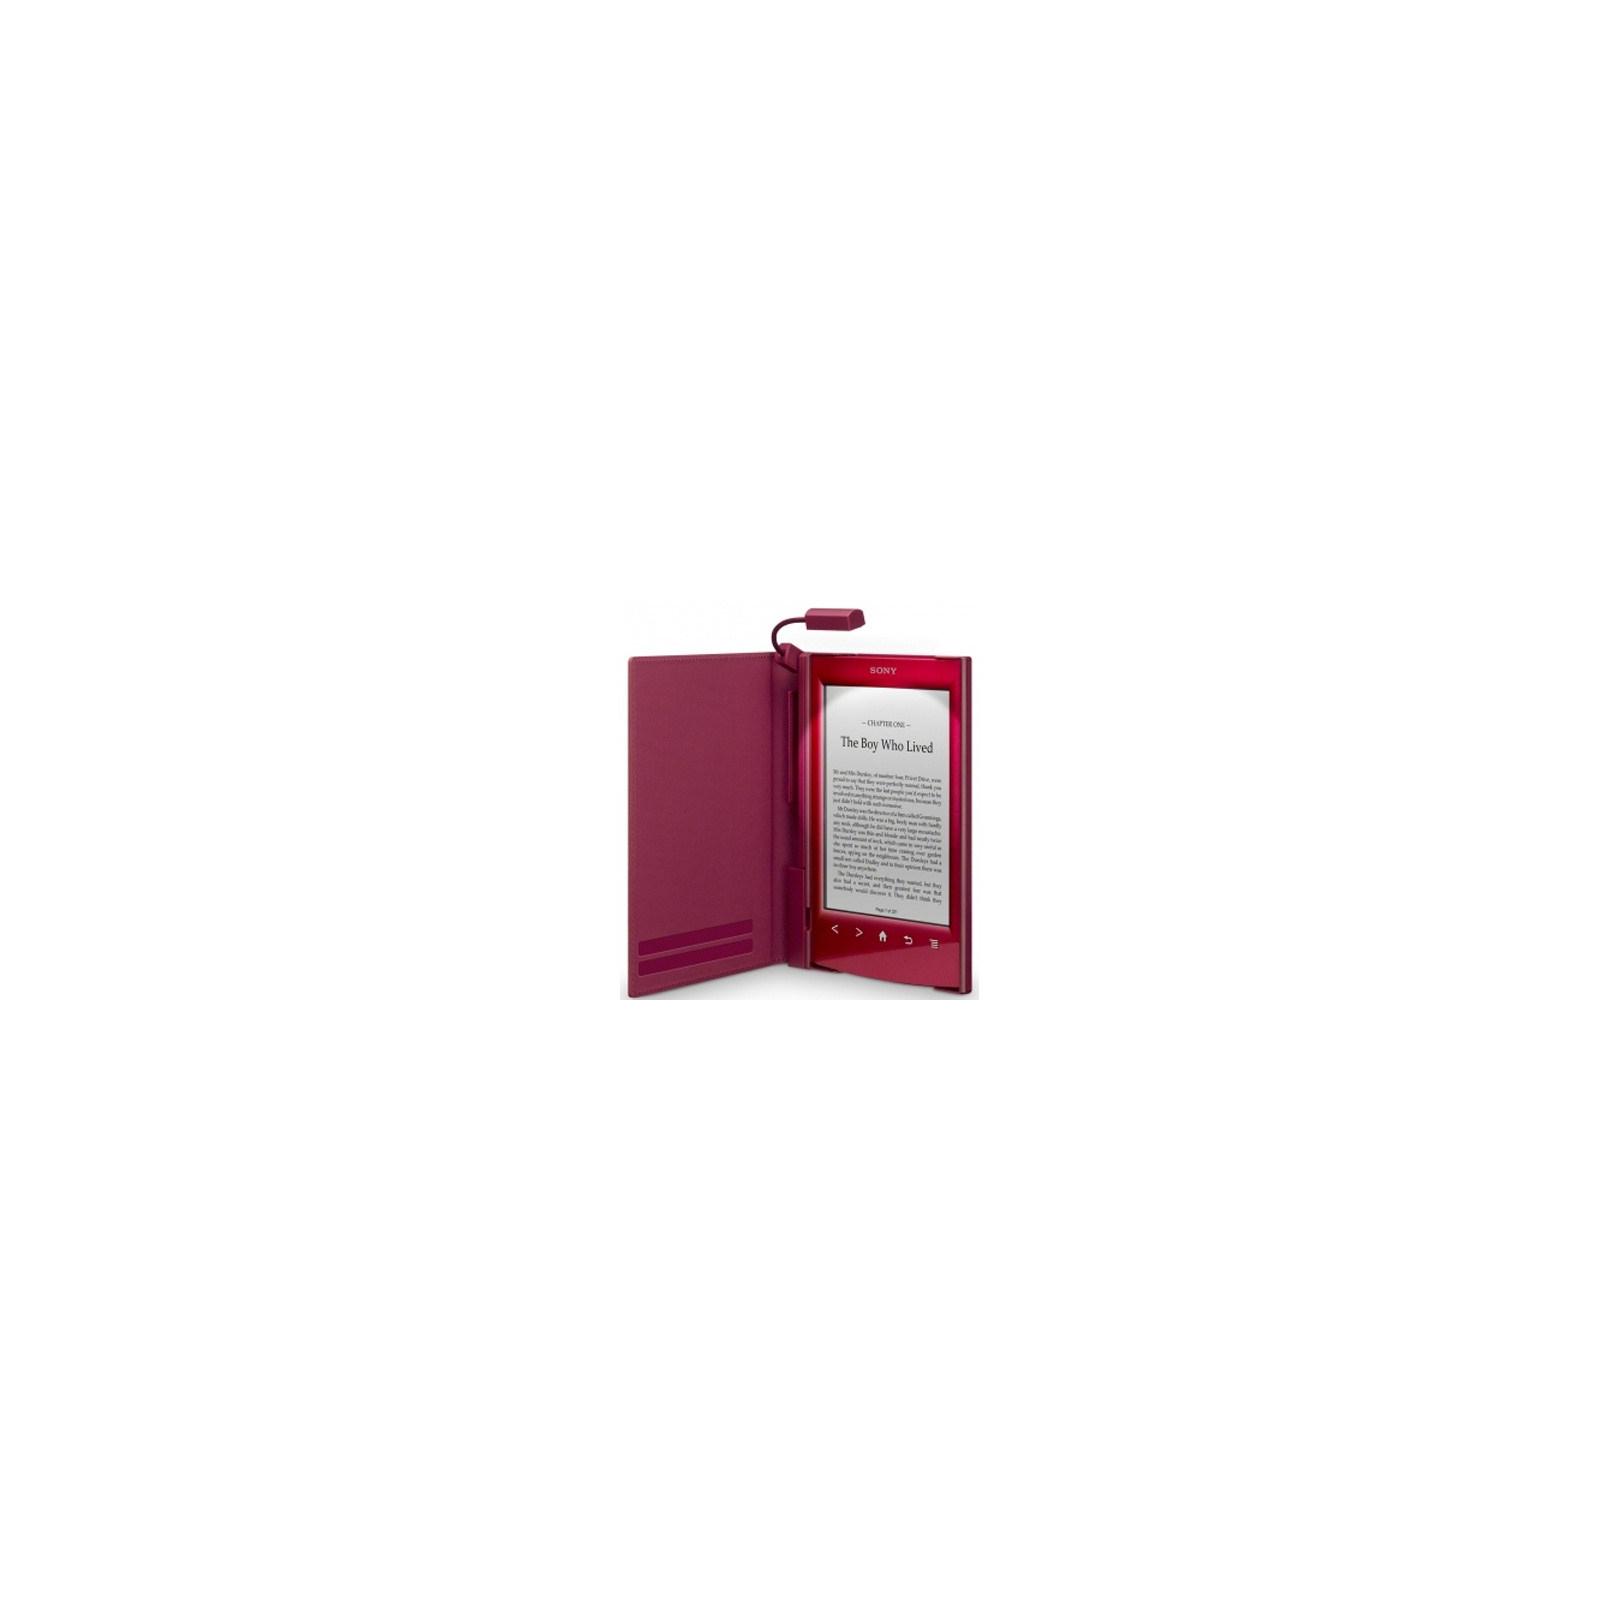 Чехол для электронной книги SONY CL22R red для PRS-T2 (PRSACL22R.WW2) изображение 2